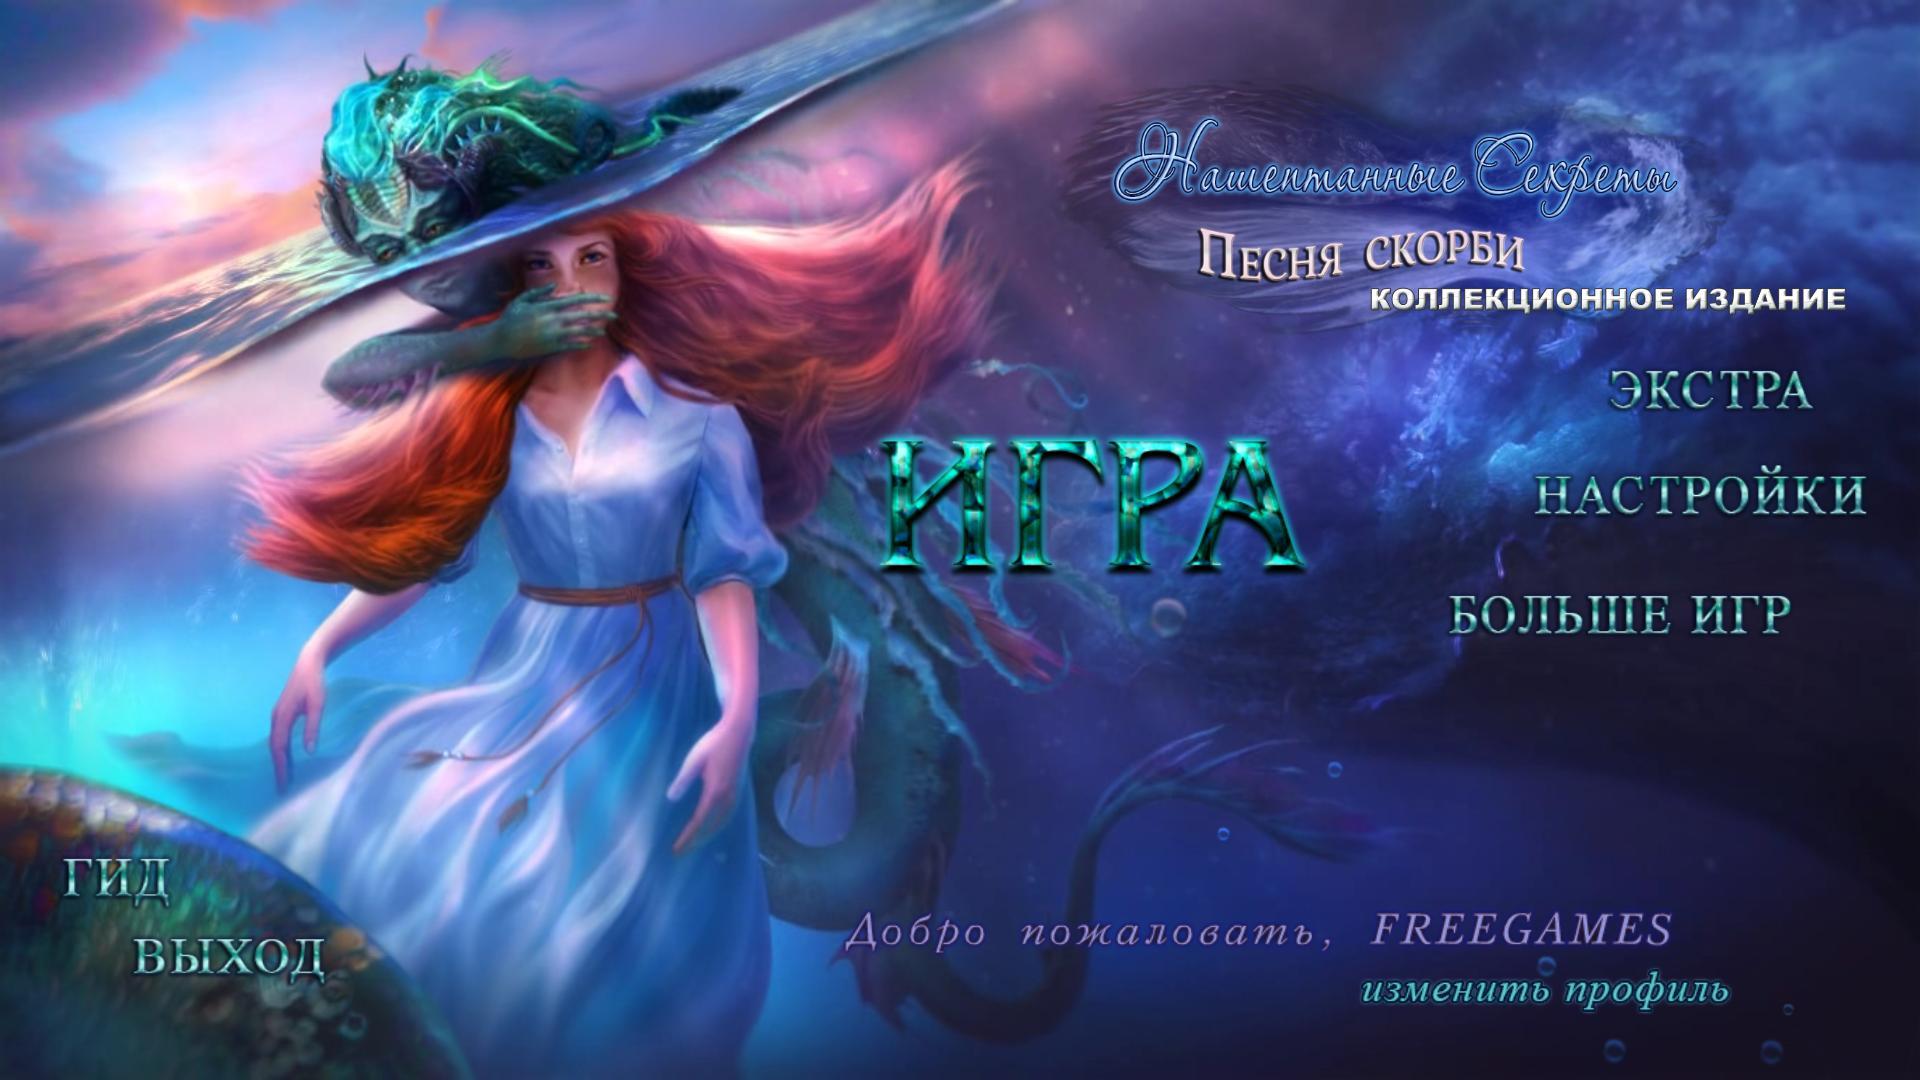 Нашептанные секреты 6: Песня скорби. Коллекционное издание | Whispered Secrets 6: Song Of Sorrow CE (Rus)